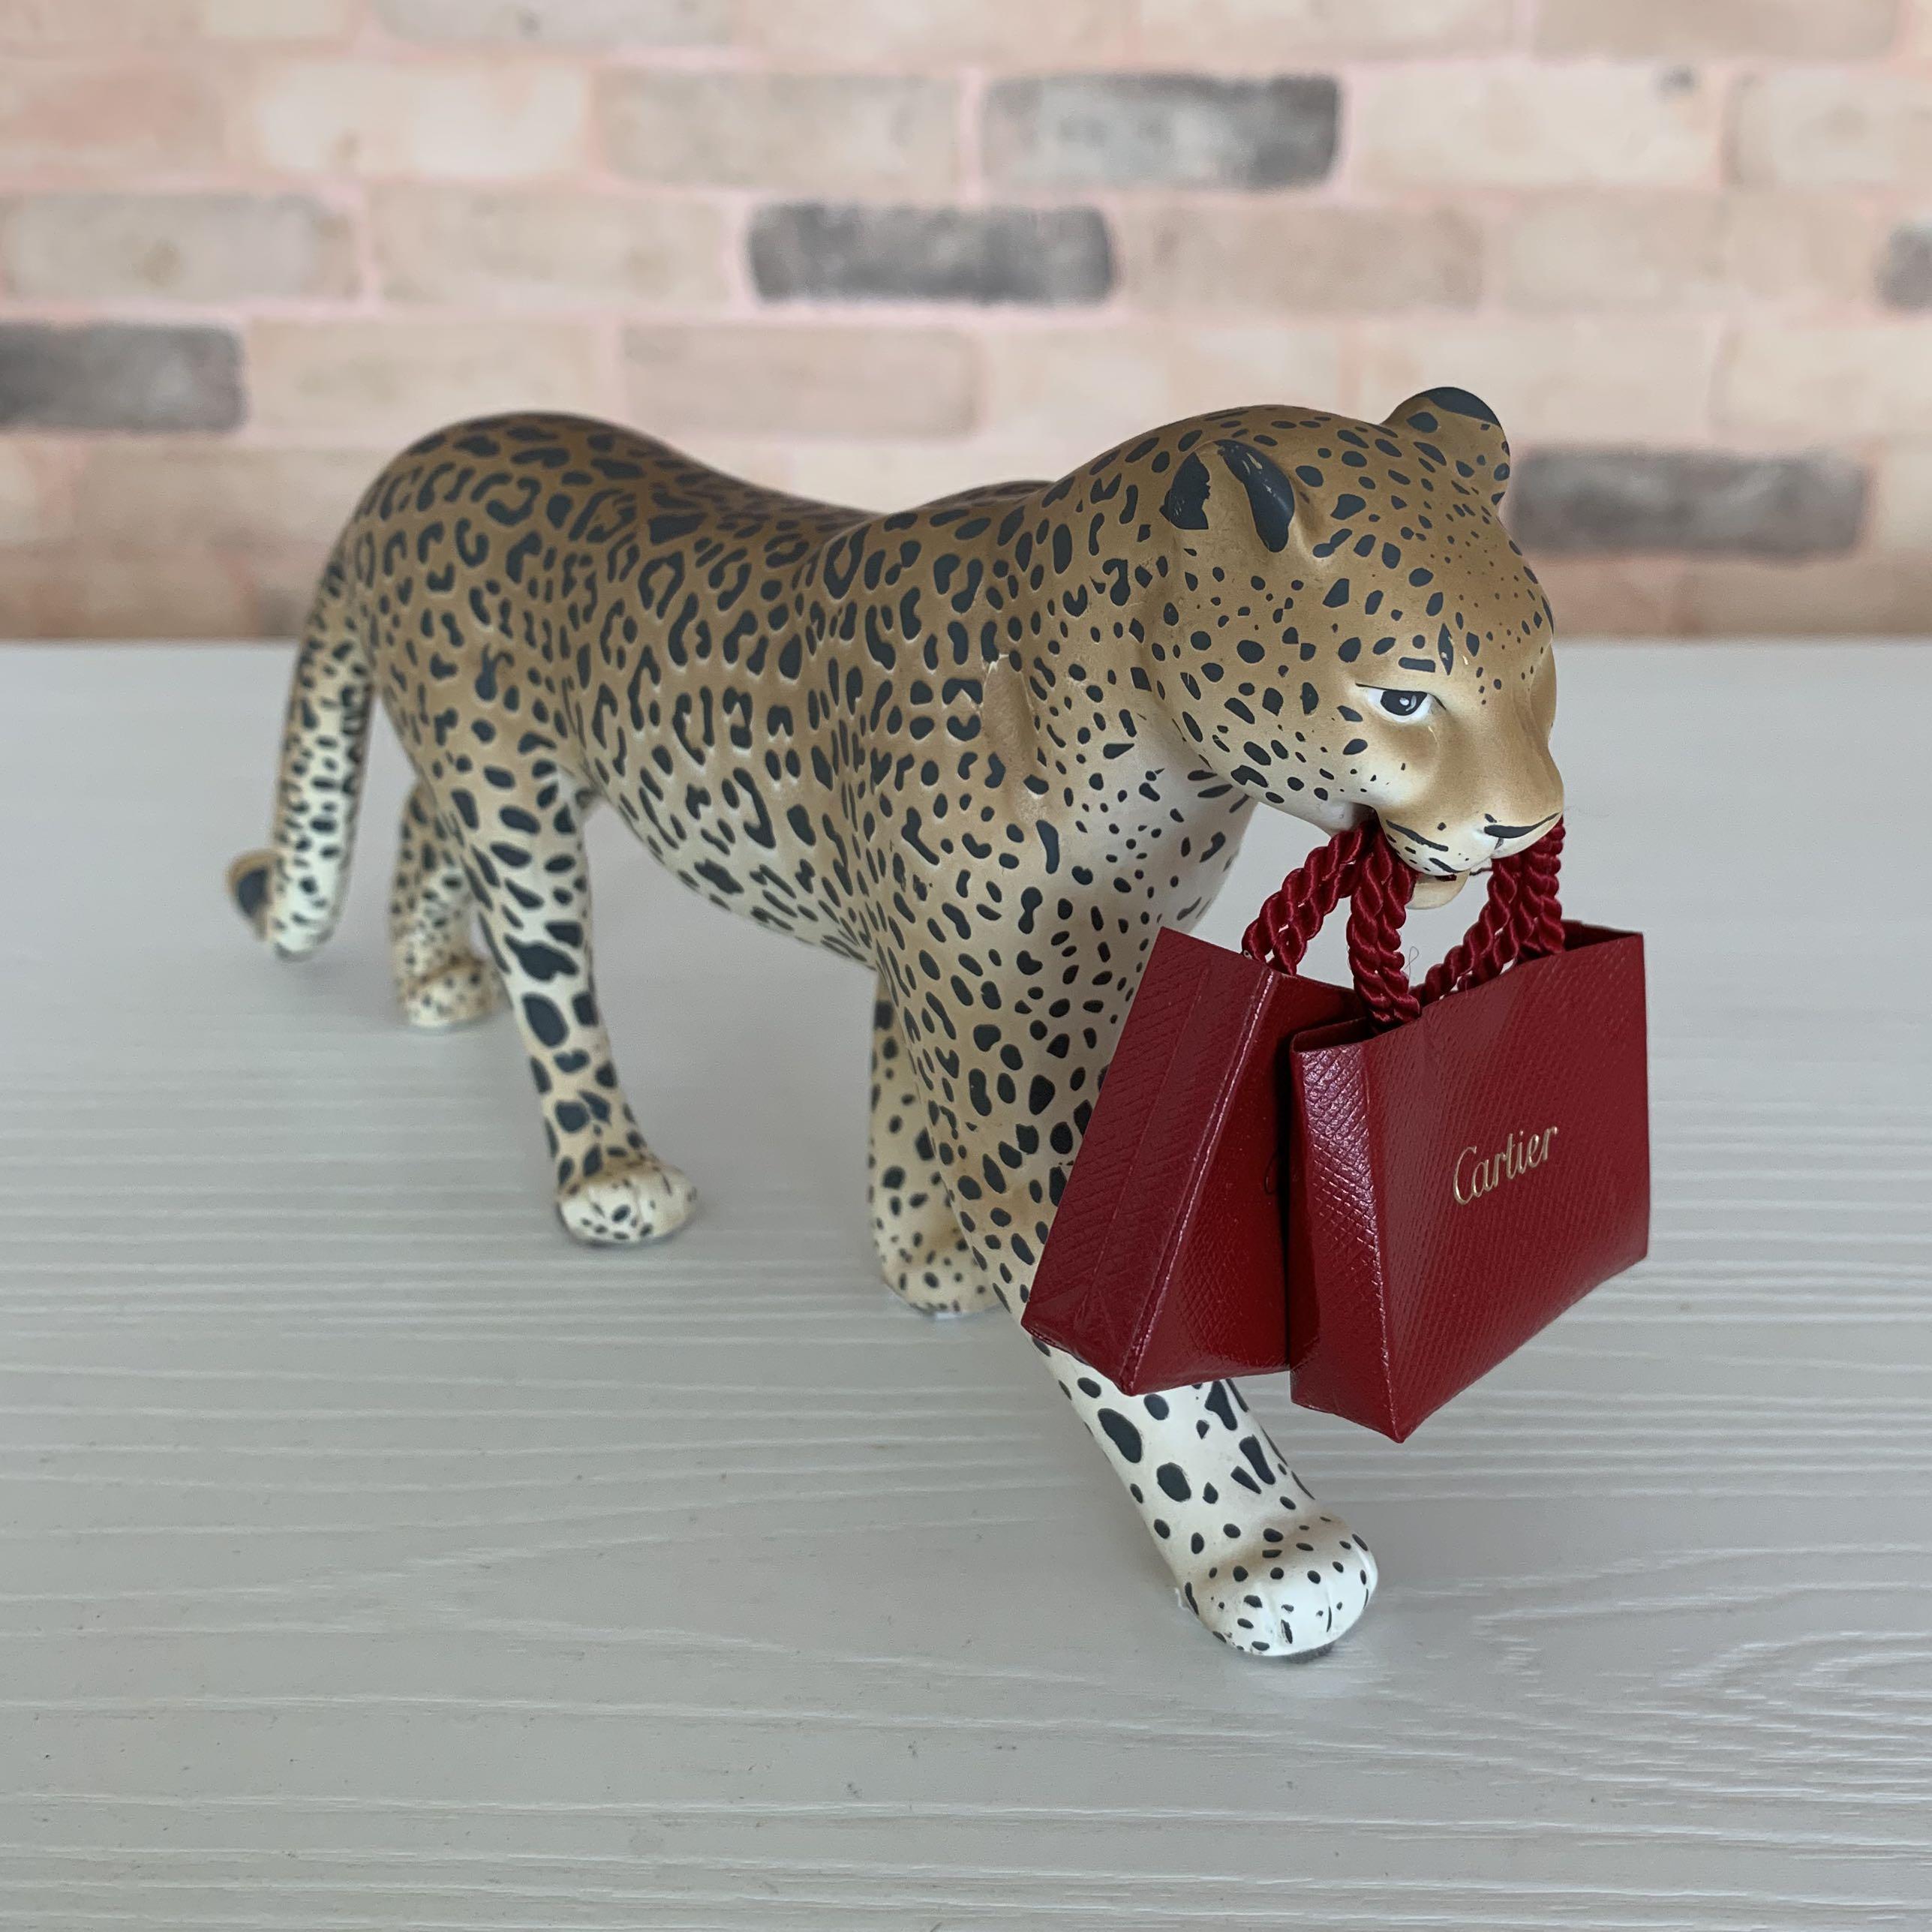 Cartier leopard display